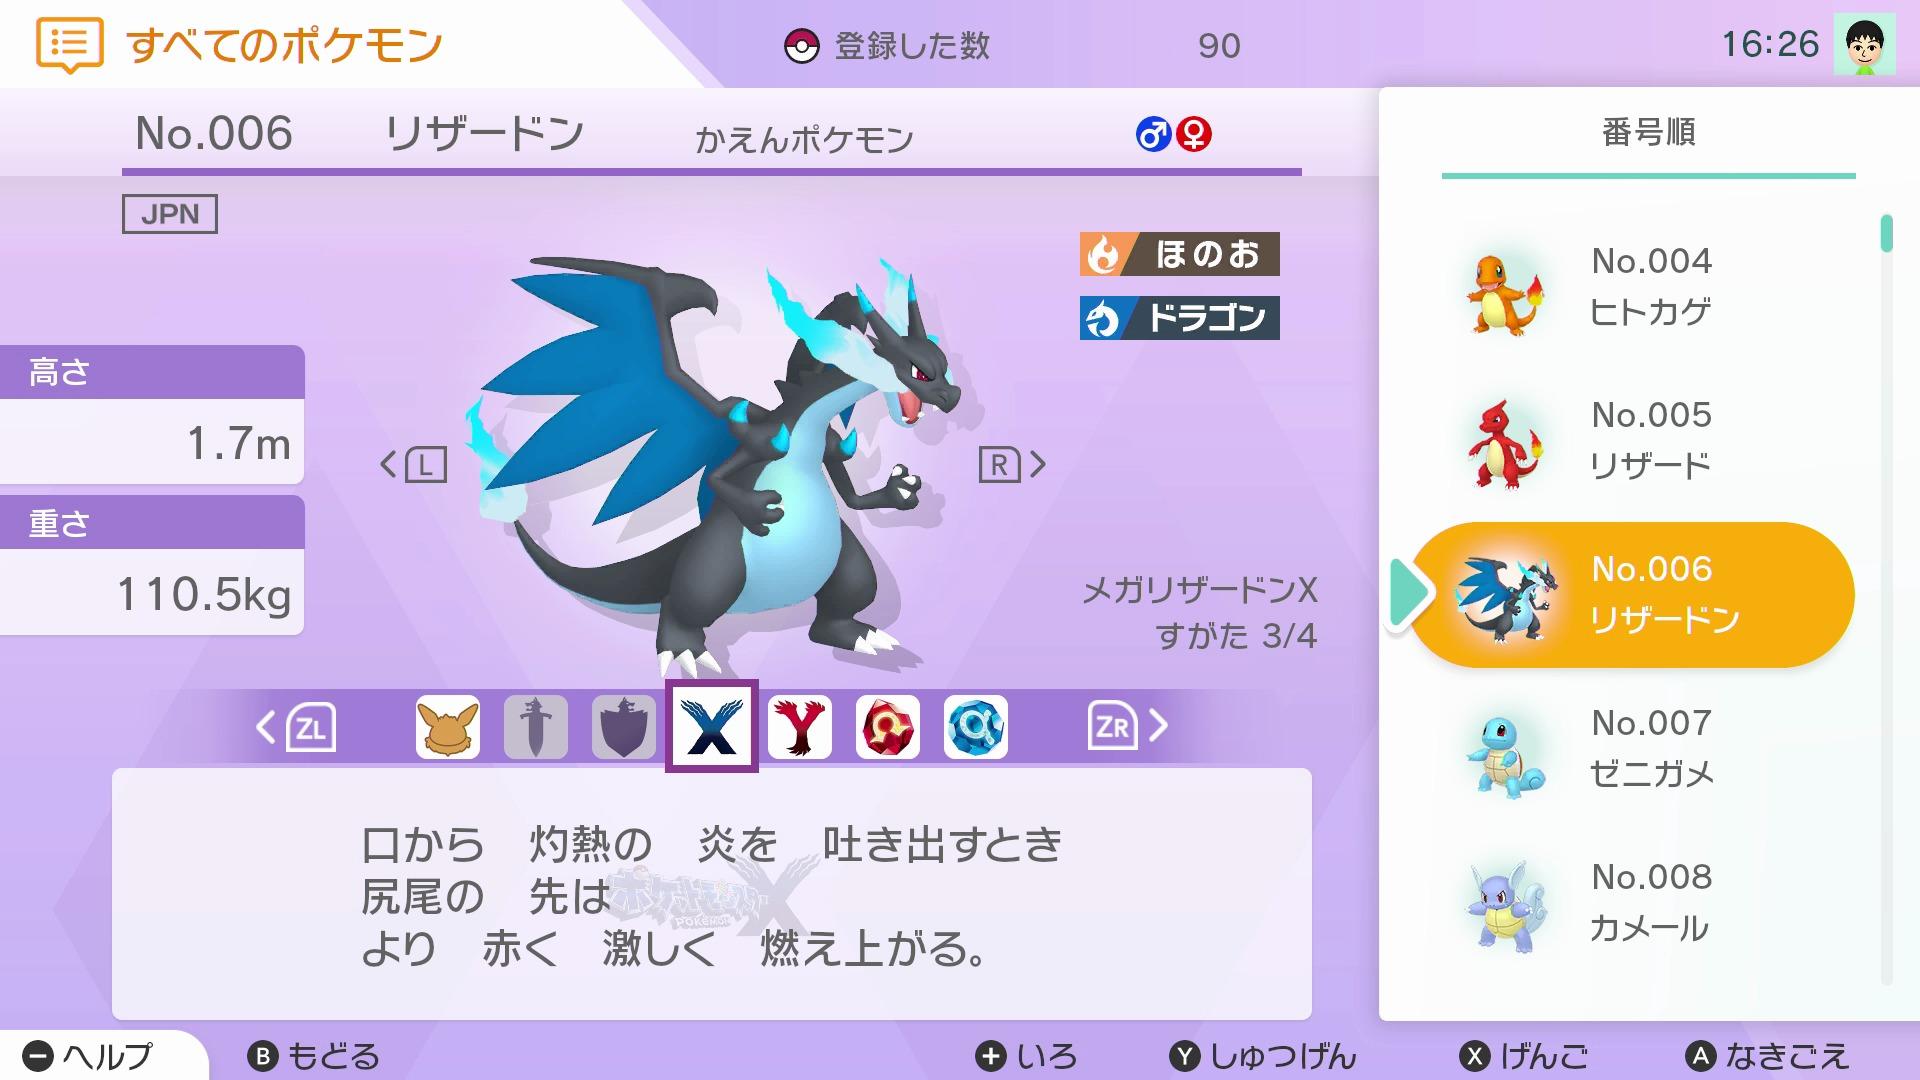 メガリザードン図鑑 (C)2020 Pokémon. (C)1995-2020 Nintendo/Creatures Inc. /GAME FREAK inc.